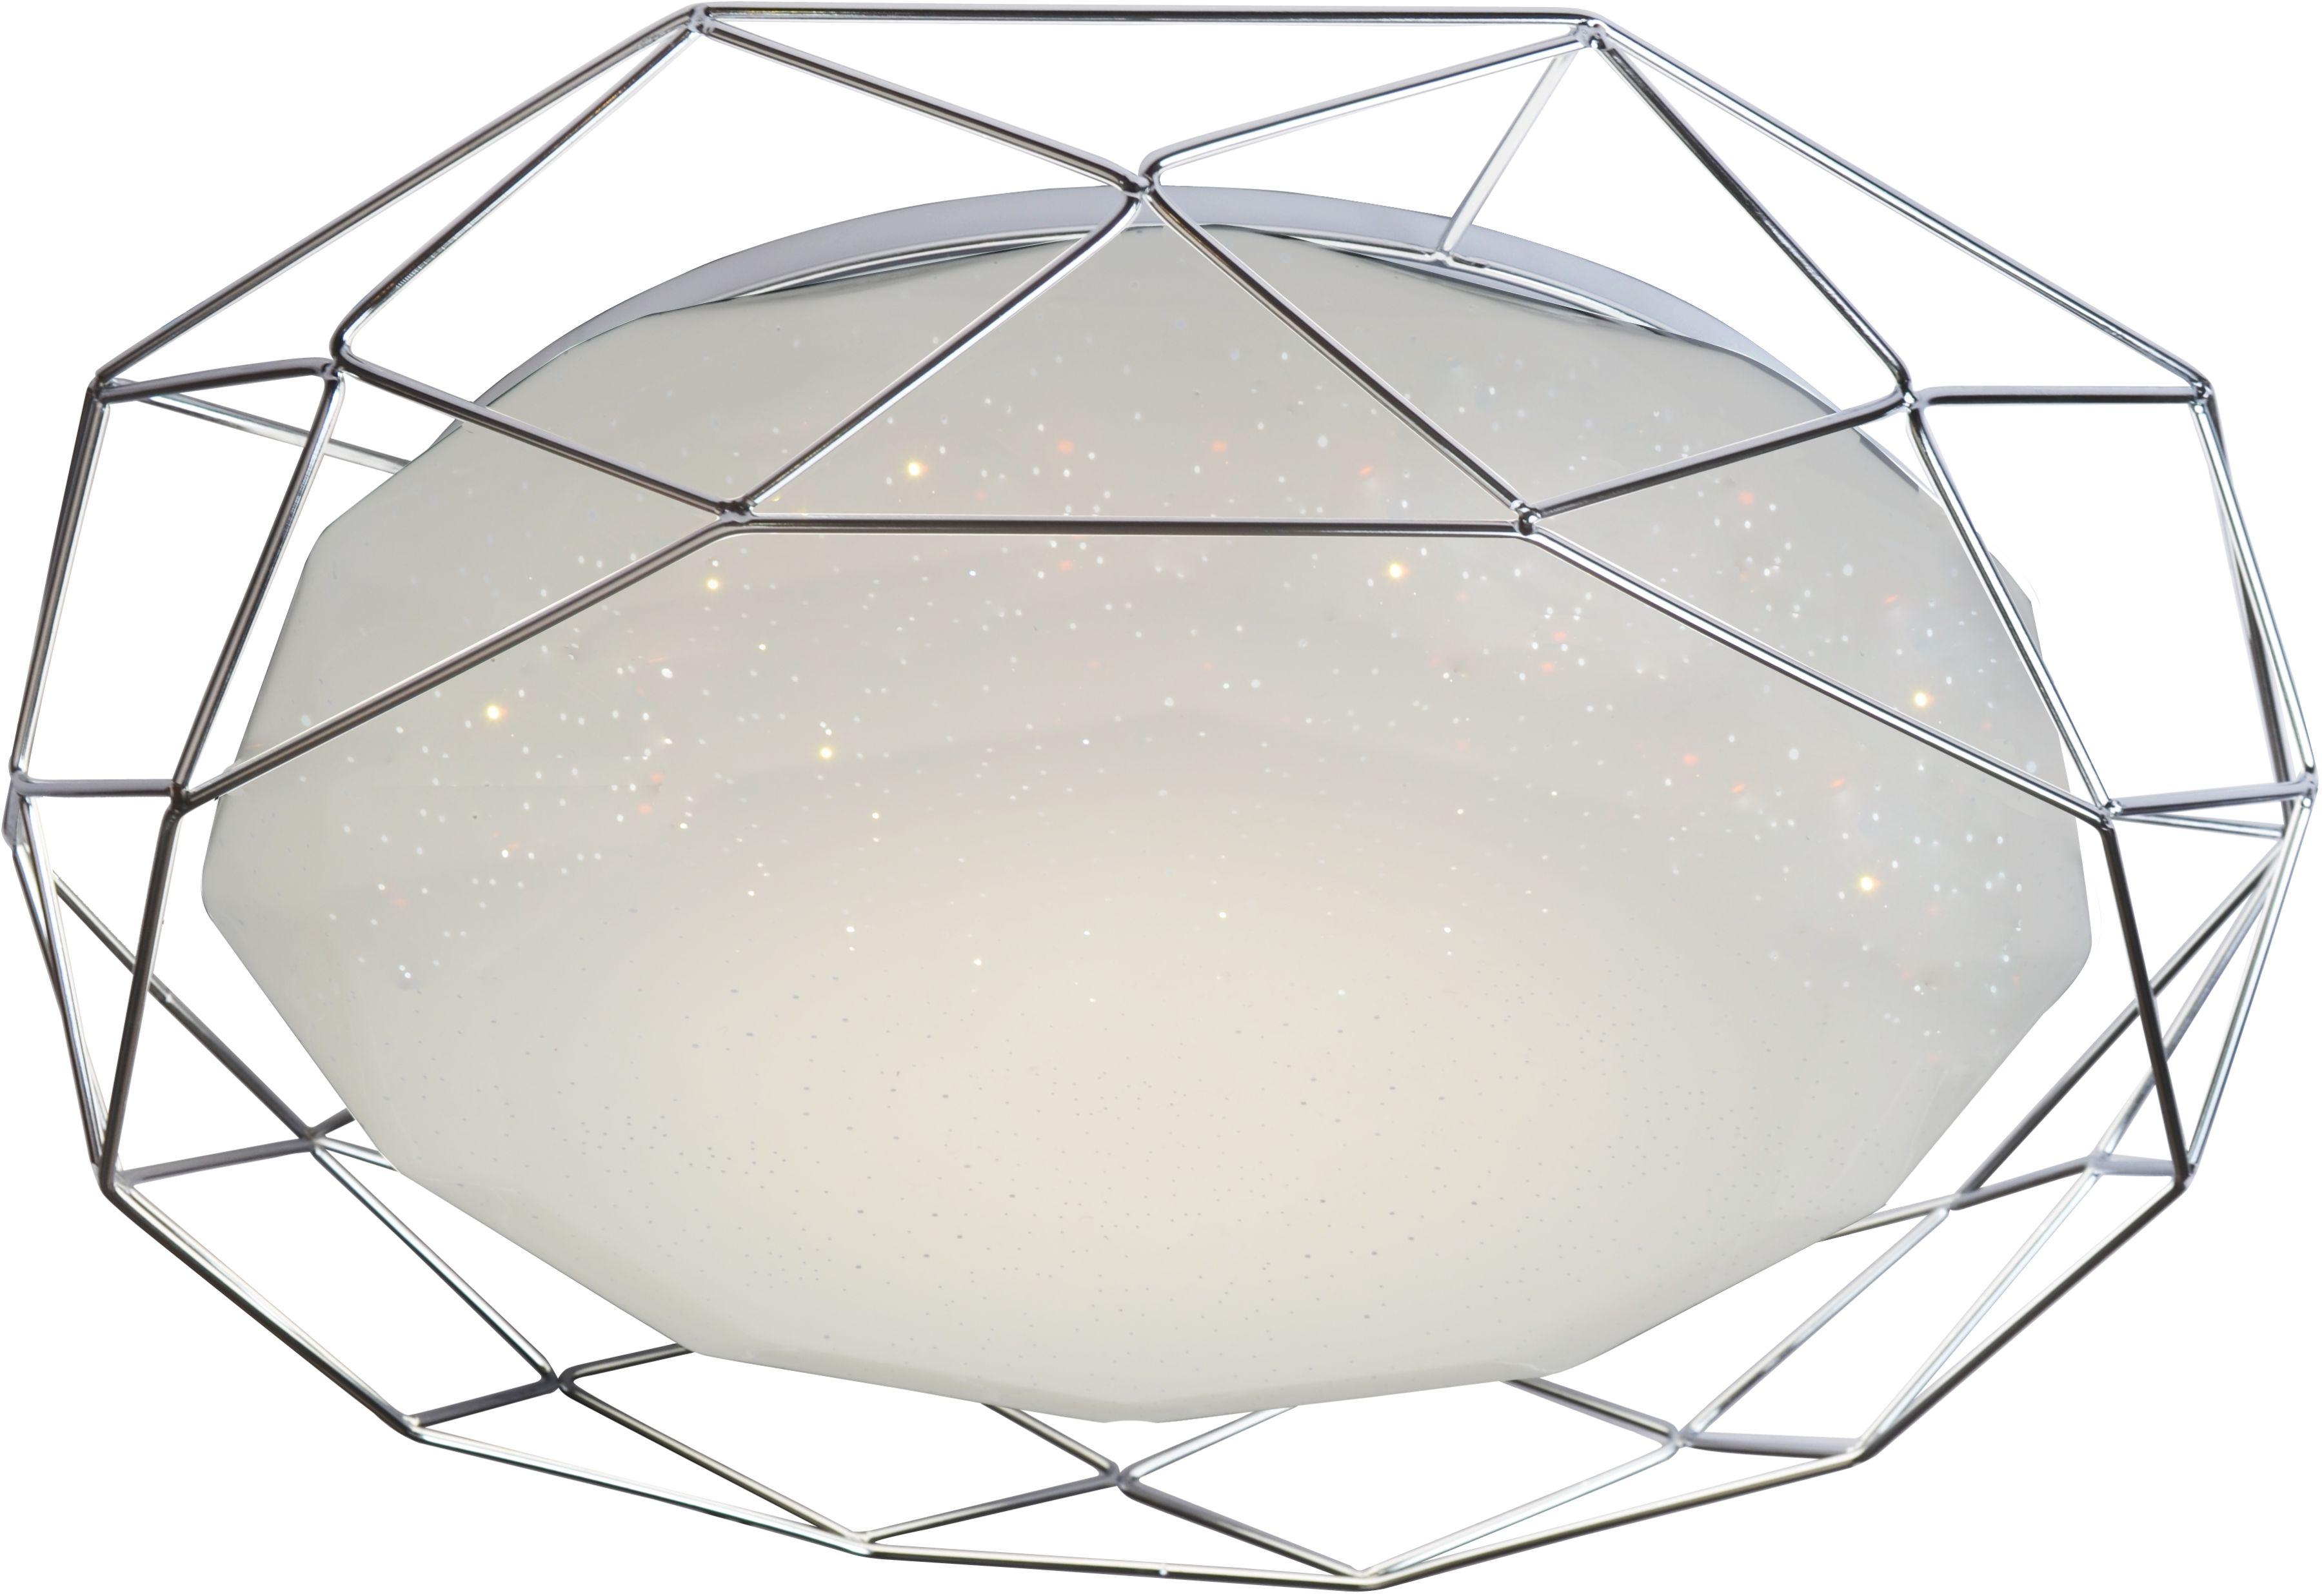 Candellux SVEN 98-66237 plafon lampa sufitowa akrylowy klosz 43 24W LED 3000K chrom